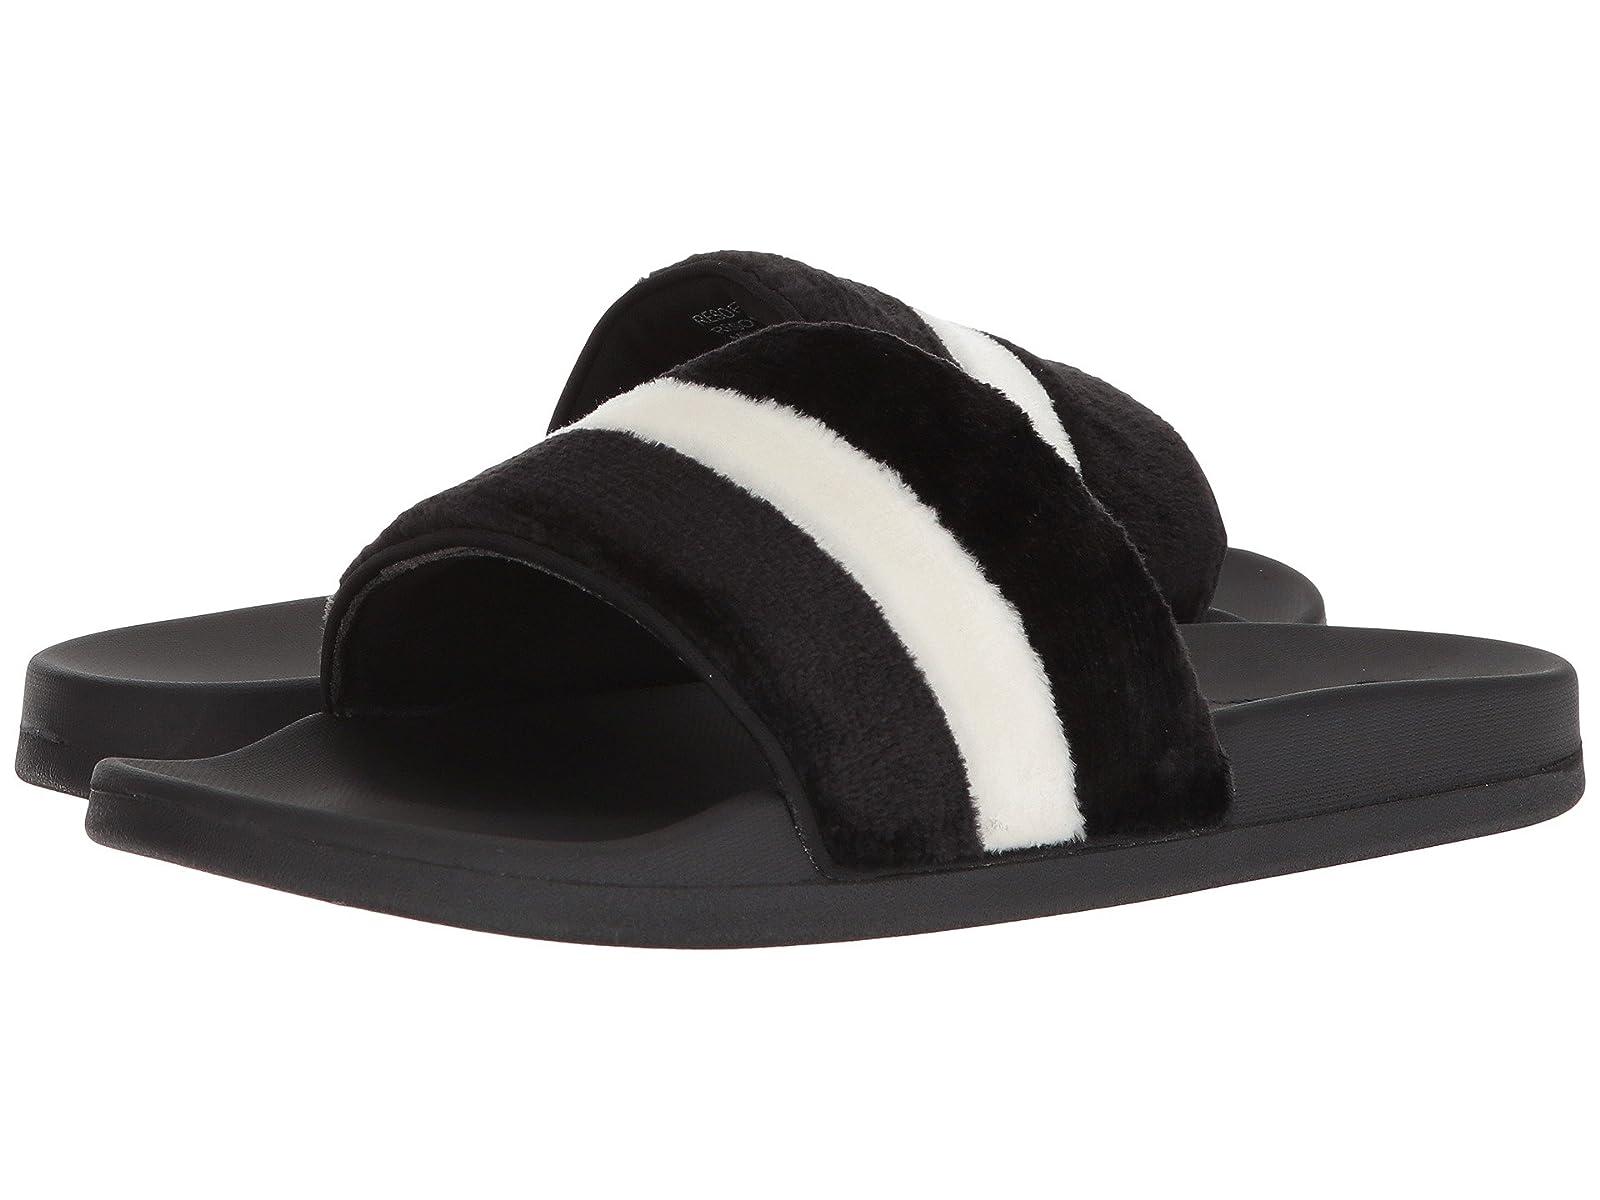 Steve Madden ResortAtmospheric grades have affordable shoes